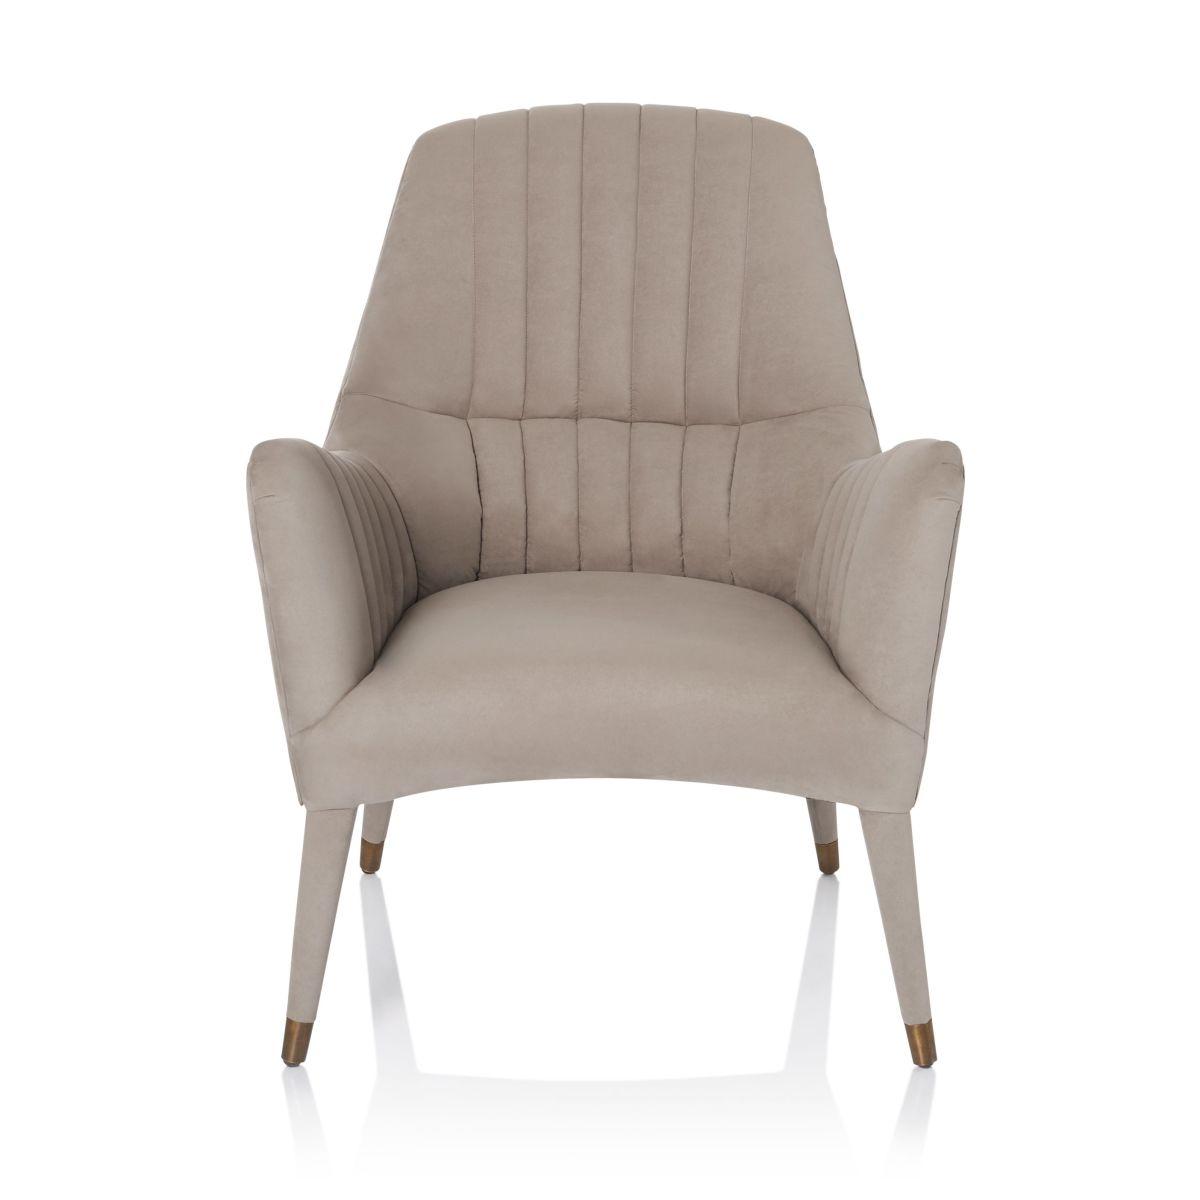 Artikel klicken und genauer betrachten! - Stylisches Sitzmöbel im modernen Retro-Stil. Lieferung erfolgt montiert. Maße: Sitzfläche ca. B 51 x T 54 cm. Sitzhöhe ca. 47 cm. Ca. H 96 x B 84 x T 72 cm, Gewicht: ca. 16,1 kg, Material: Eichenholz, Kupferkappen, Schaumstoffpolsterung, Bezug ( 80% Polyester, 20% Polyurethan). | im Online Shop kaufen